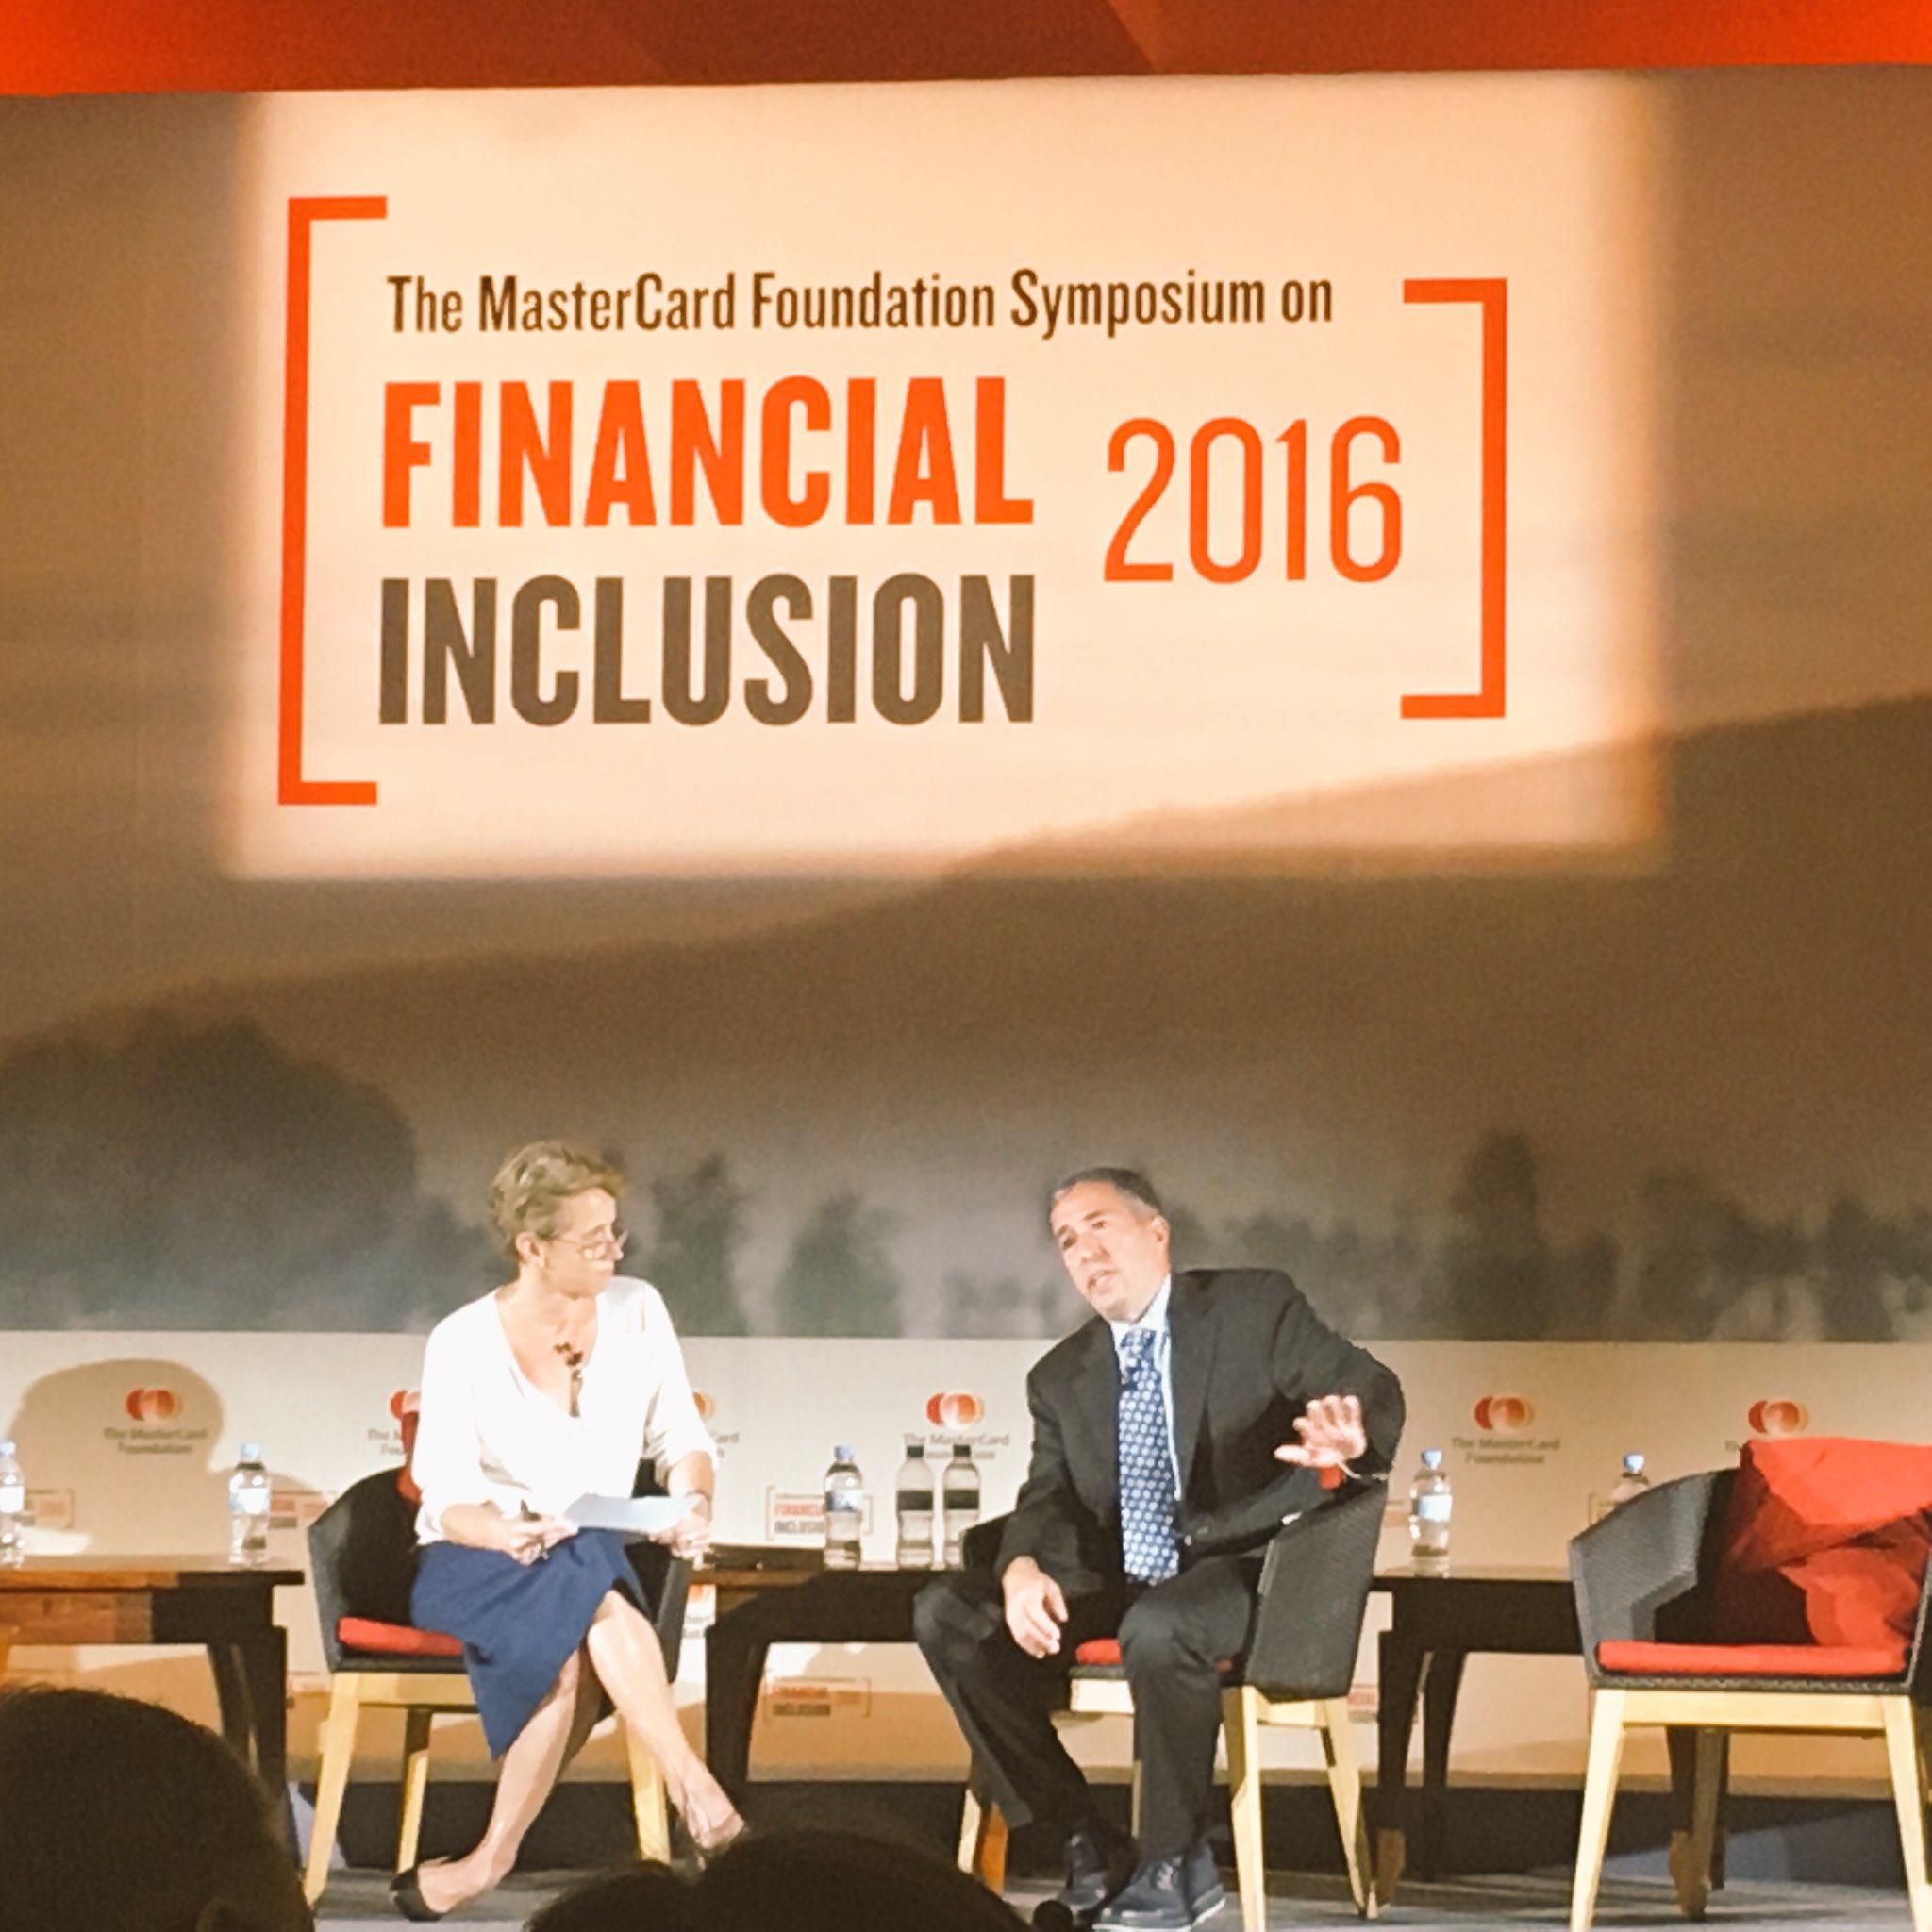 Eldar Shafir of @ideas42 & Greta Bull of @CGAP speak about scarcity & better design for financial services for poor #SoFI2016 https://t.co/9lHpMvpD6C